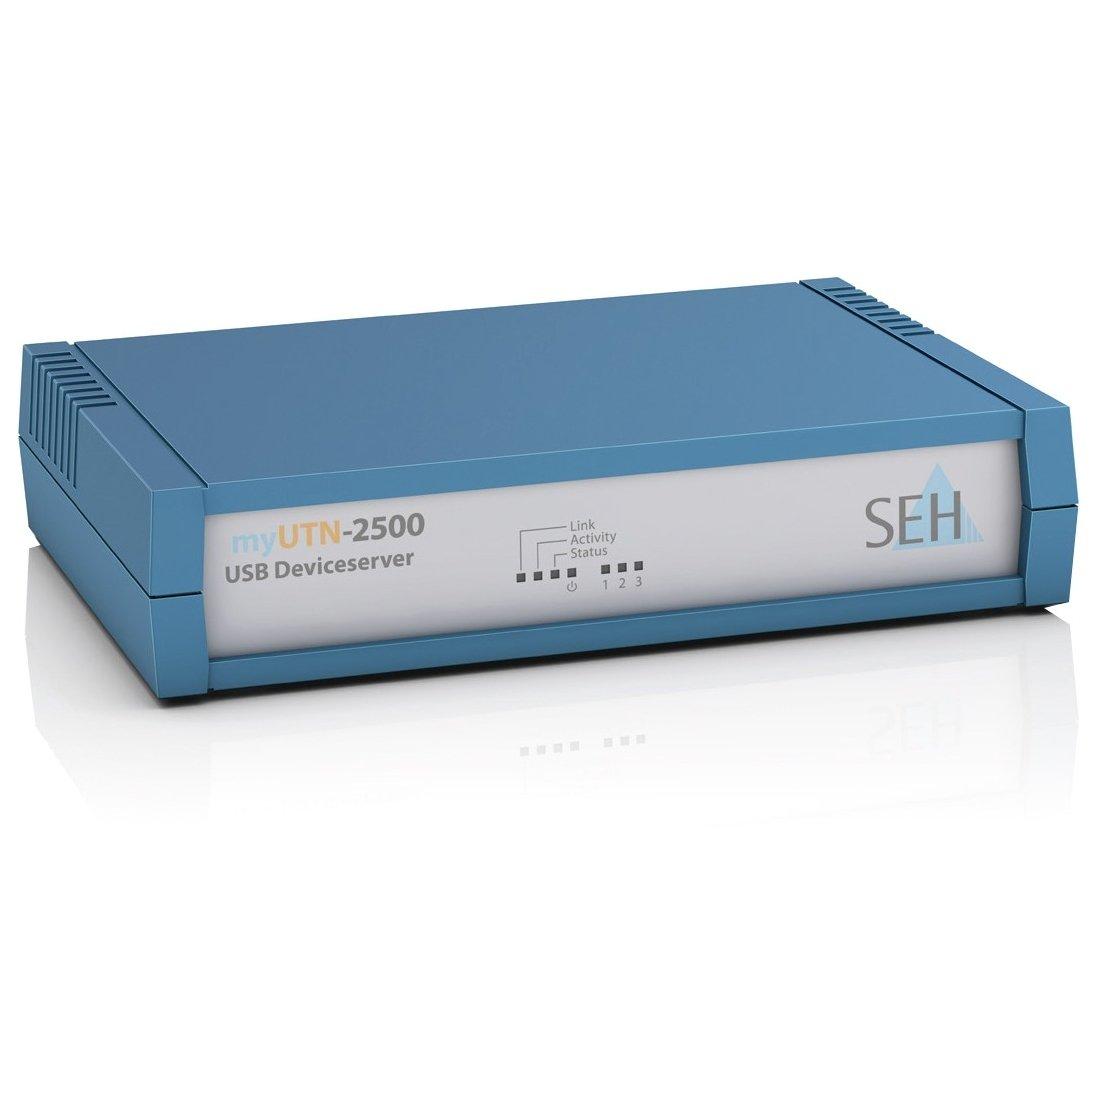 Seh M05082 Myutn-2500 - Device Server - 10/100 MB LAN, Gige, Superspeed USB3.0